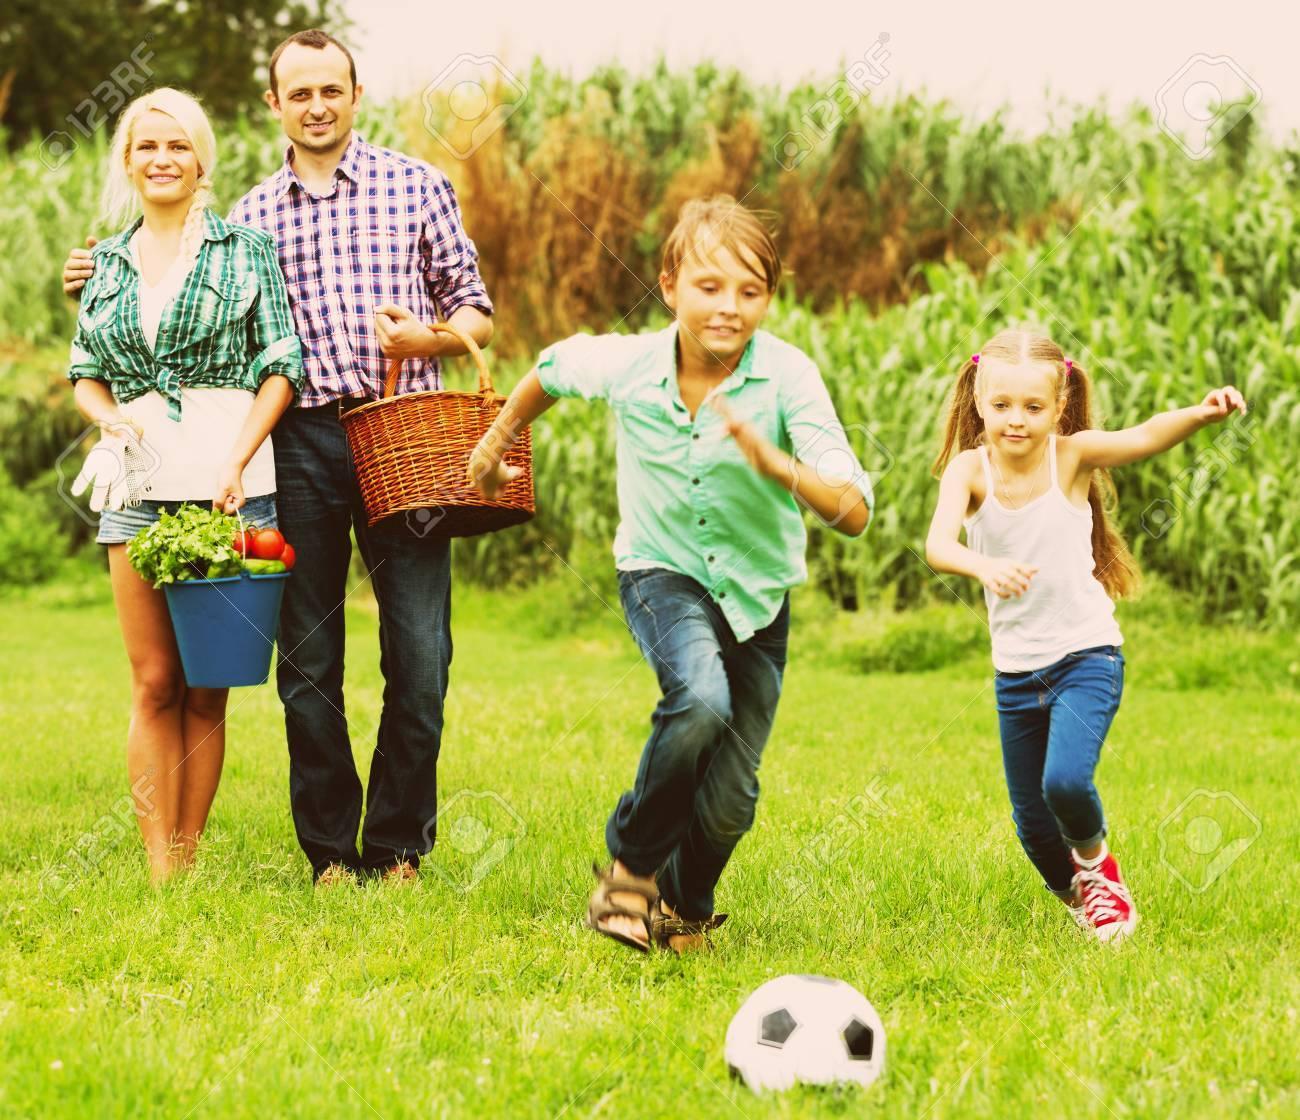 0525dab74c Archivio Fotografico - Attività estiva - coppia sposata con bambini che  giocano palla in casa di campagna. Concentrarsi sulla coppia